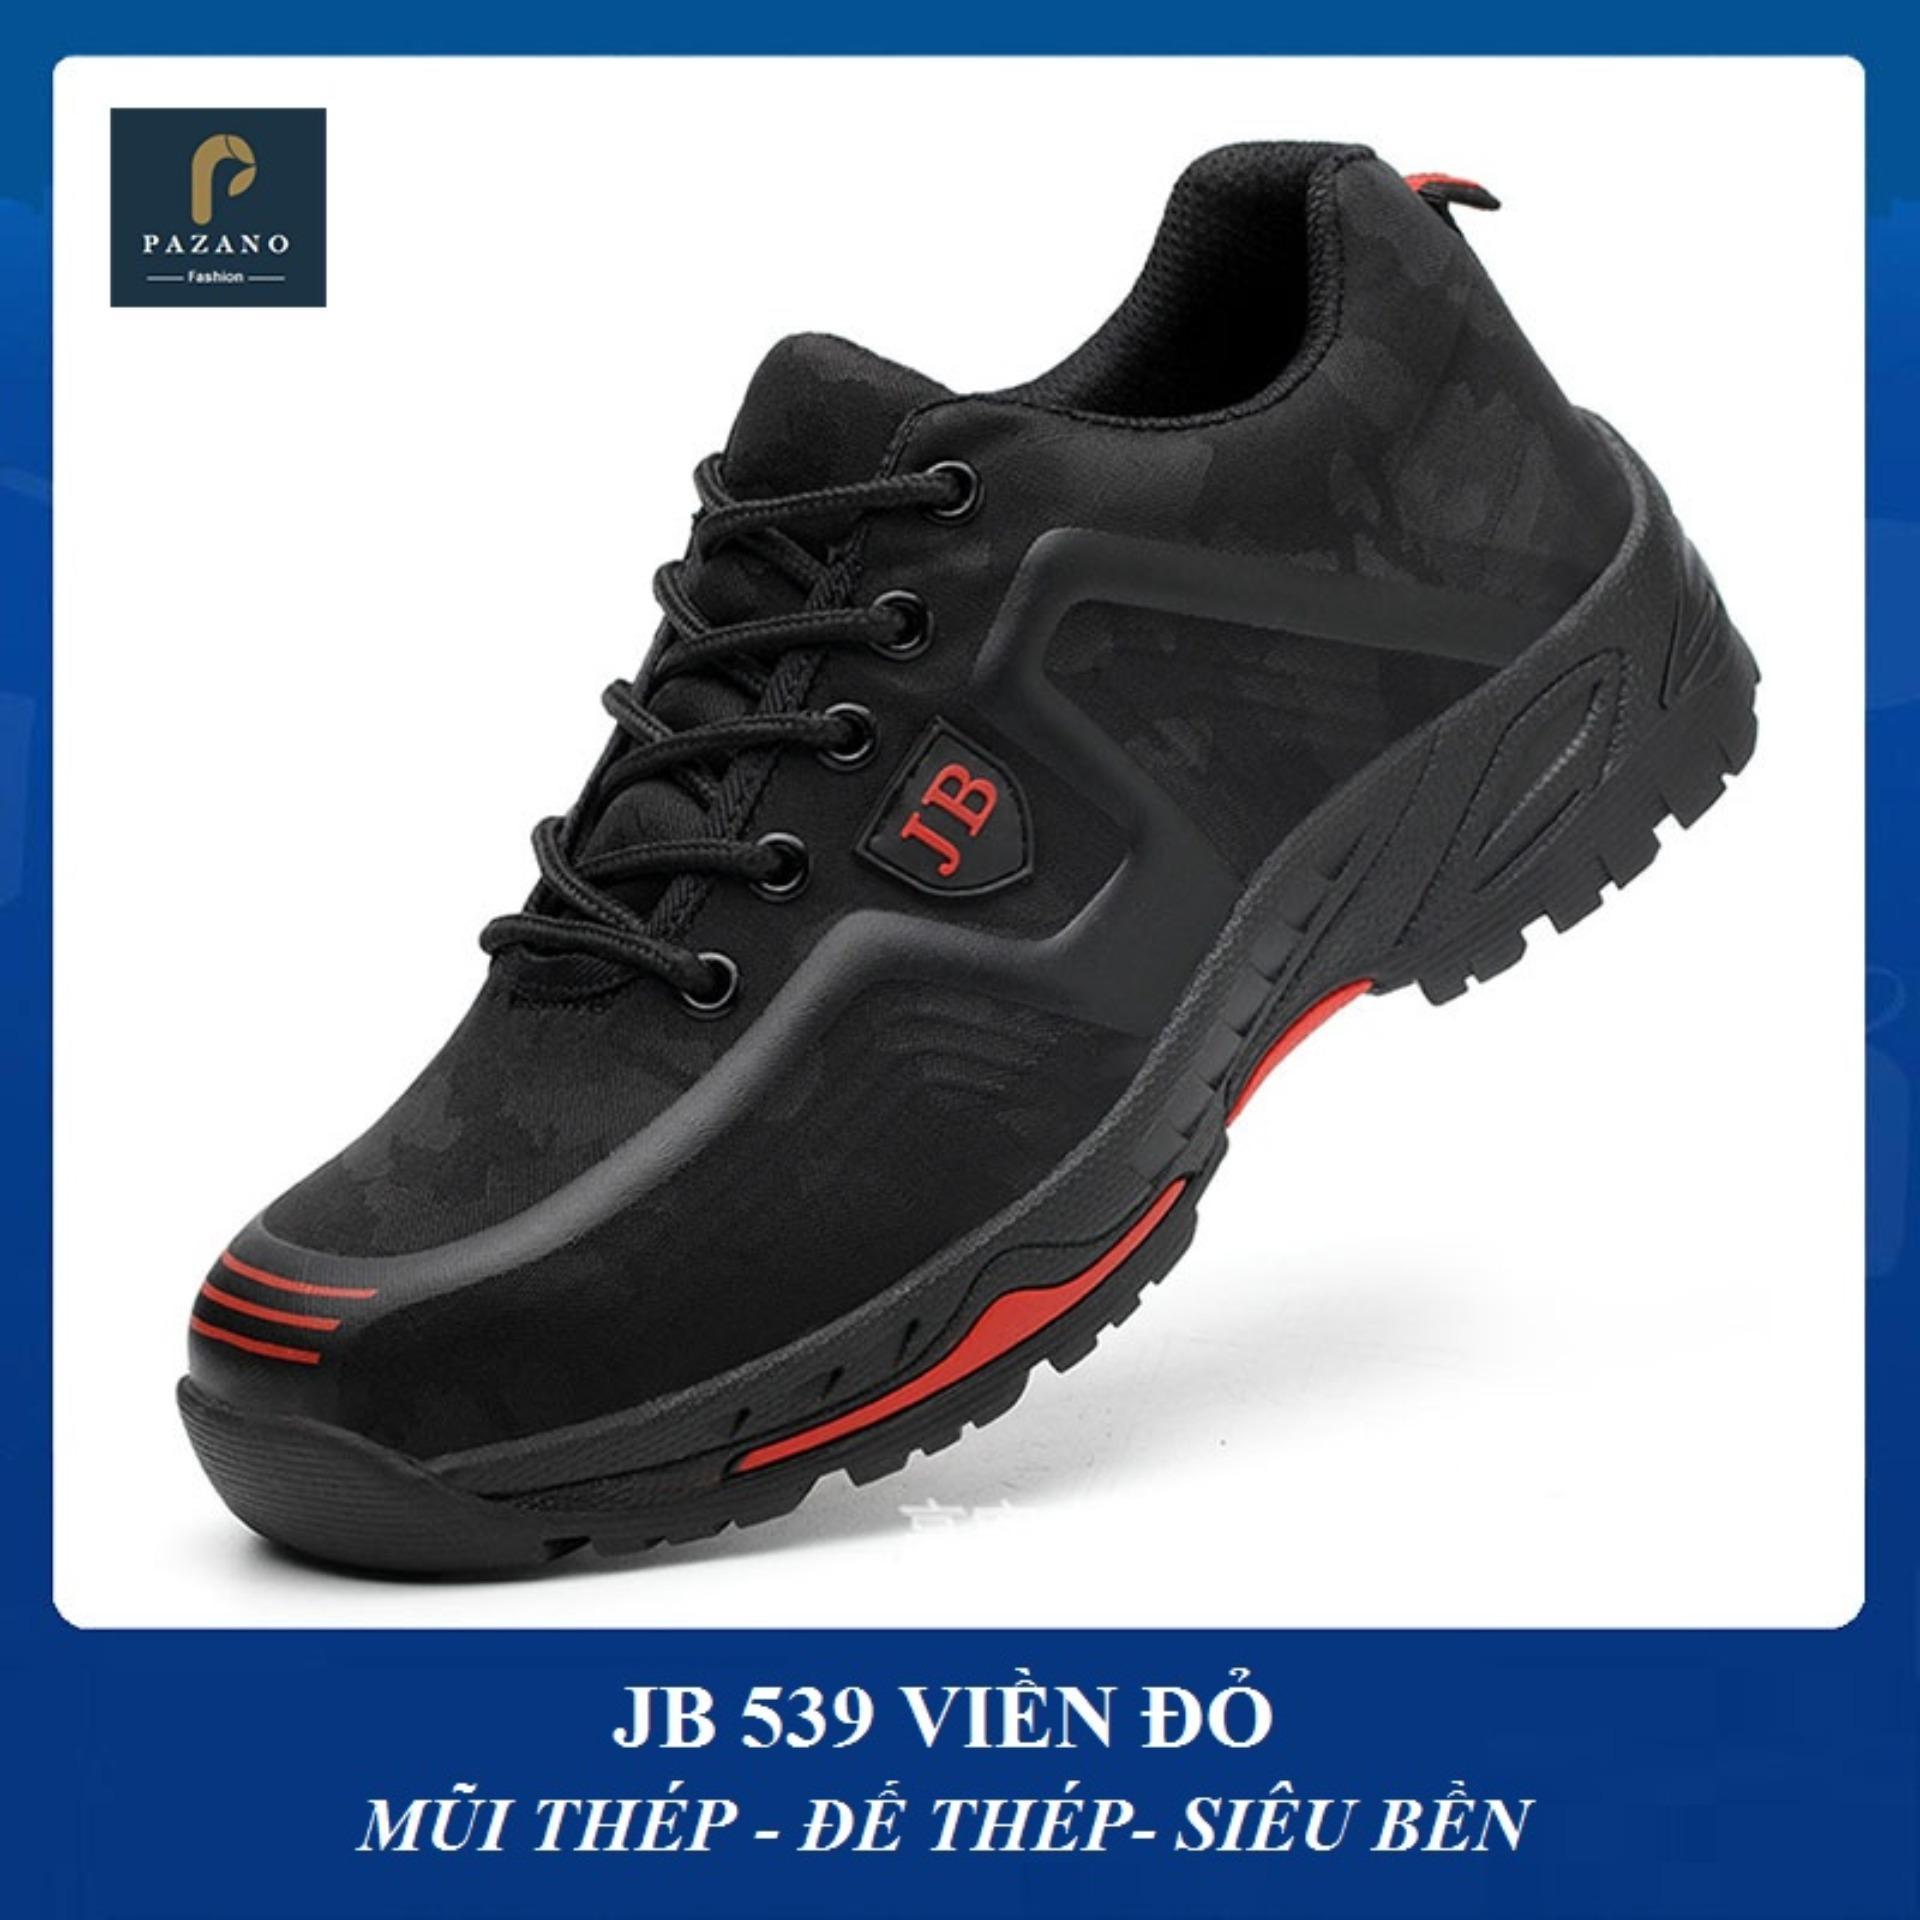 Giày bảo hộ lao động JB 539 màu đen viền đỏ [Có ảnh thực tế]